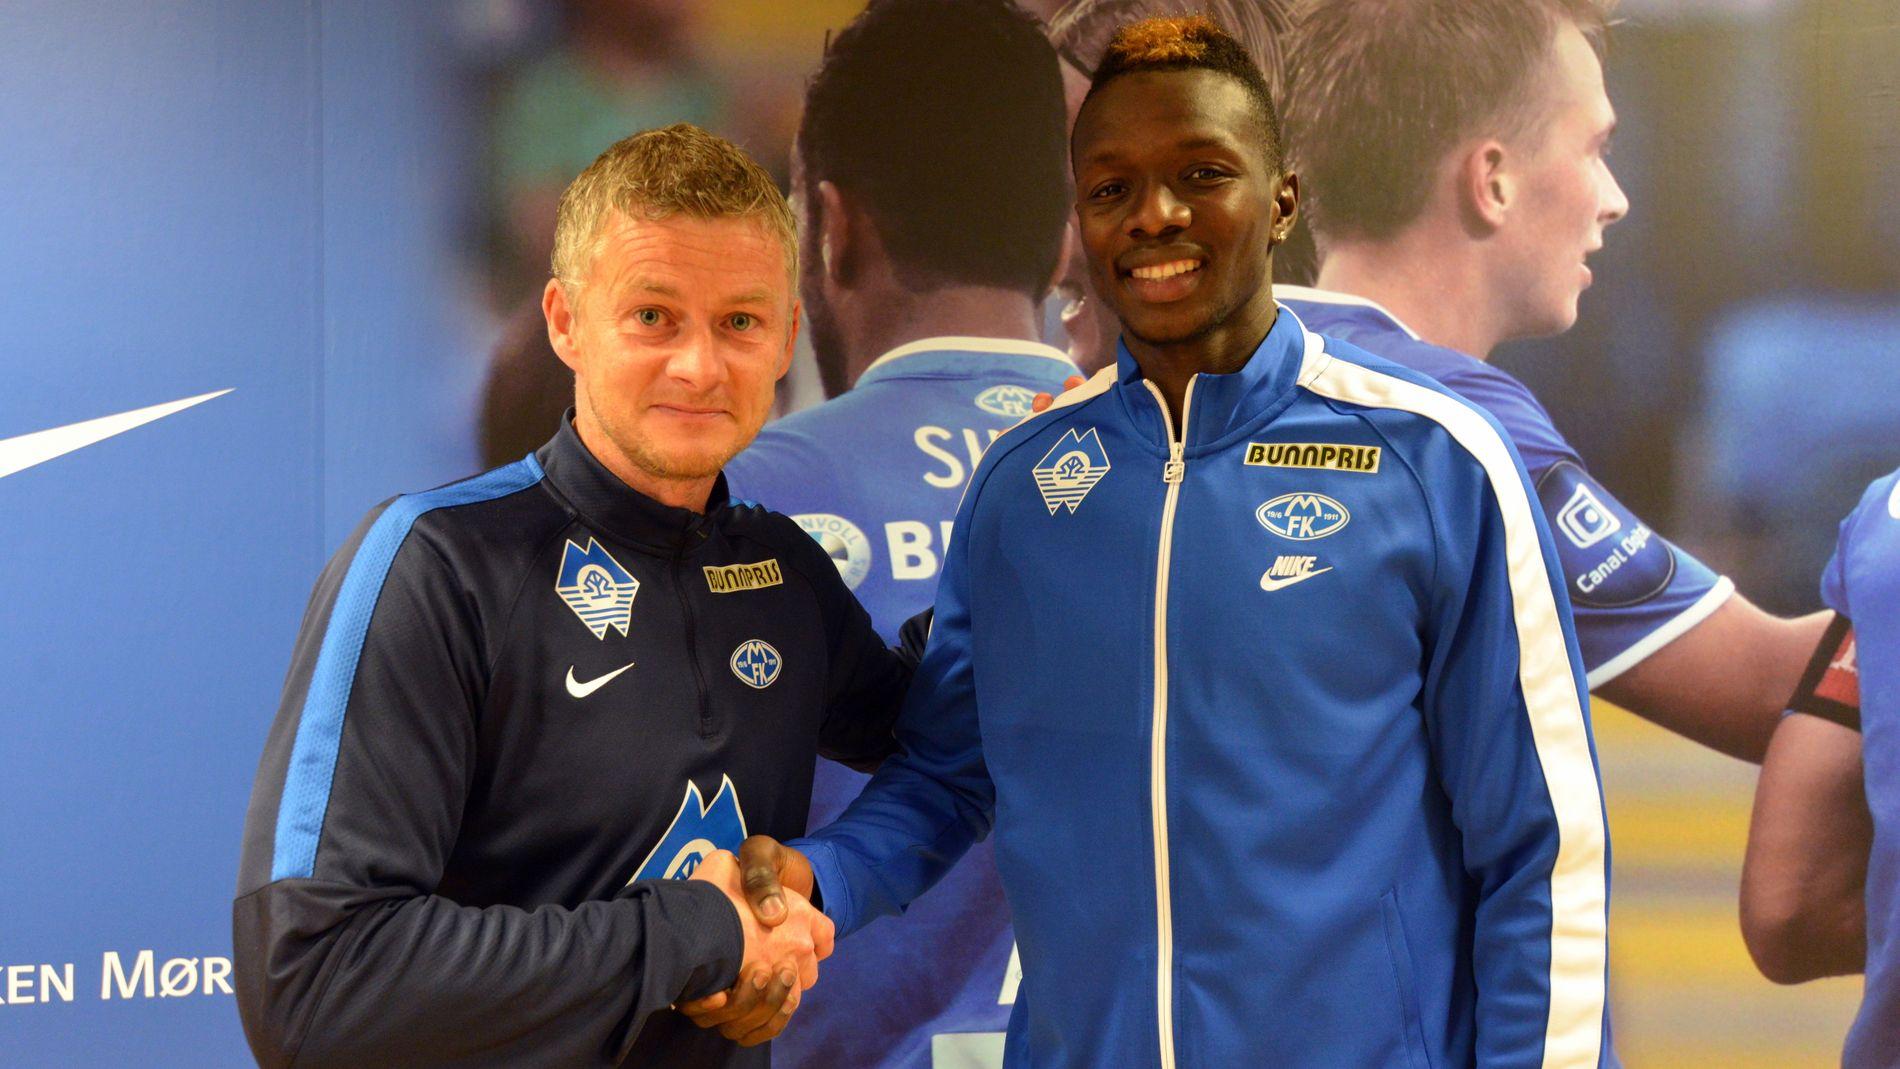 NY MOLDESPILLER: Babacar Sarr er klar for Molde FK. Her med manager Ole Gunnar Solskjær.